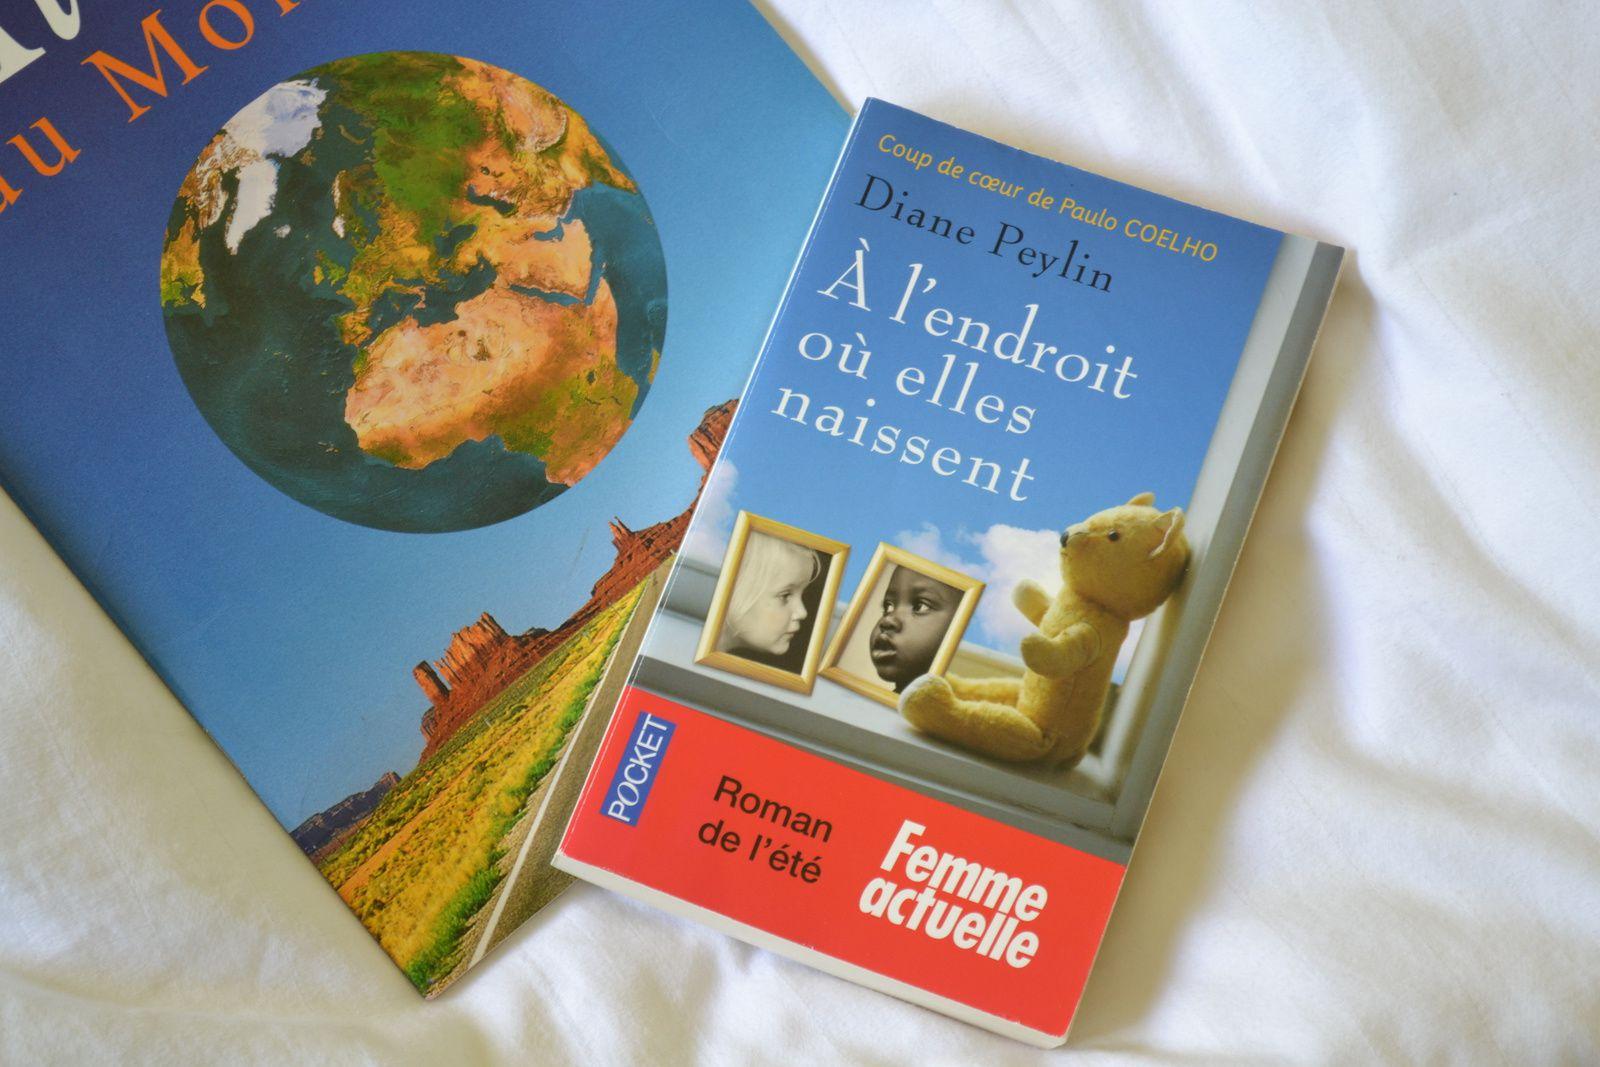 ... le livre coup de coeur : A l'endroit où elles naissent, de Diane Peylin